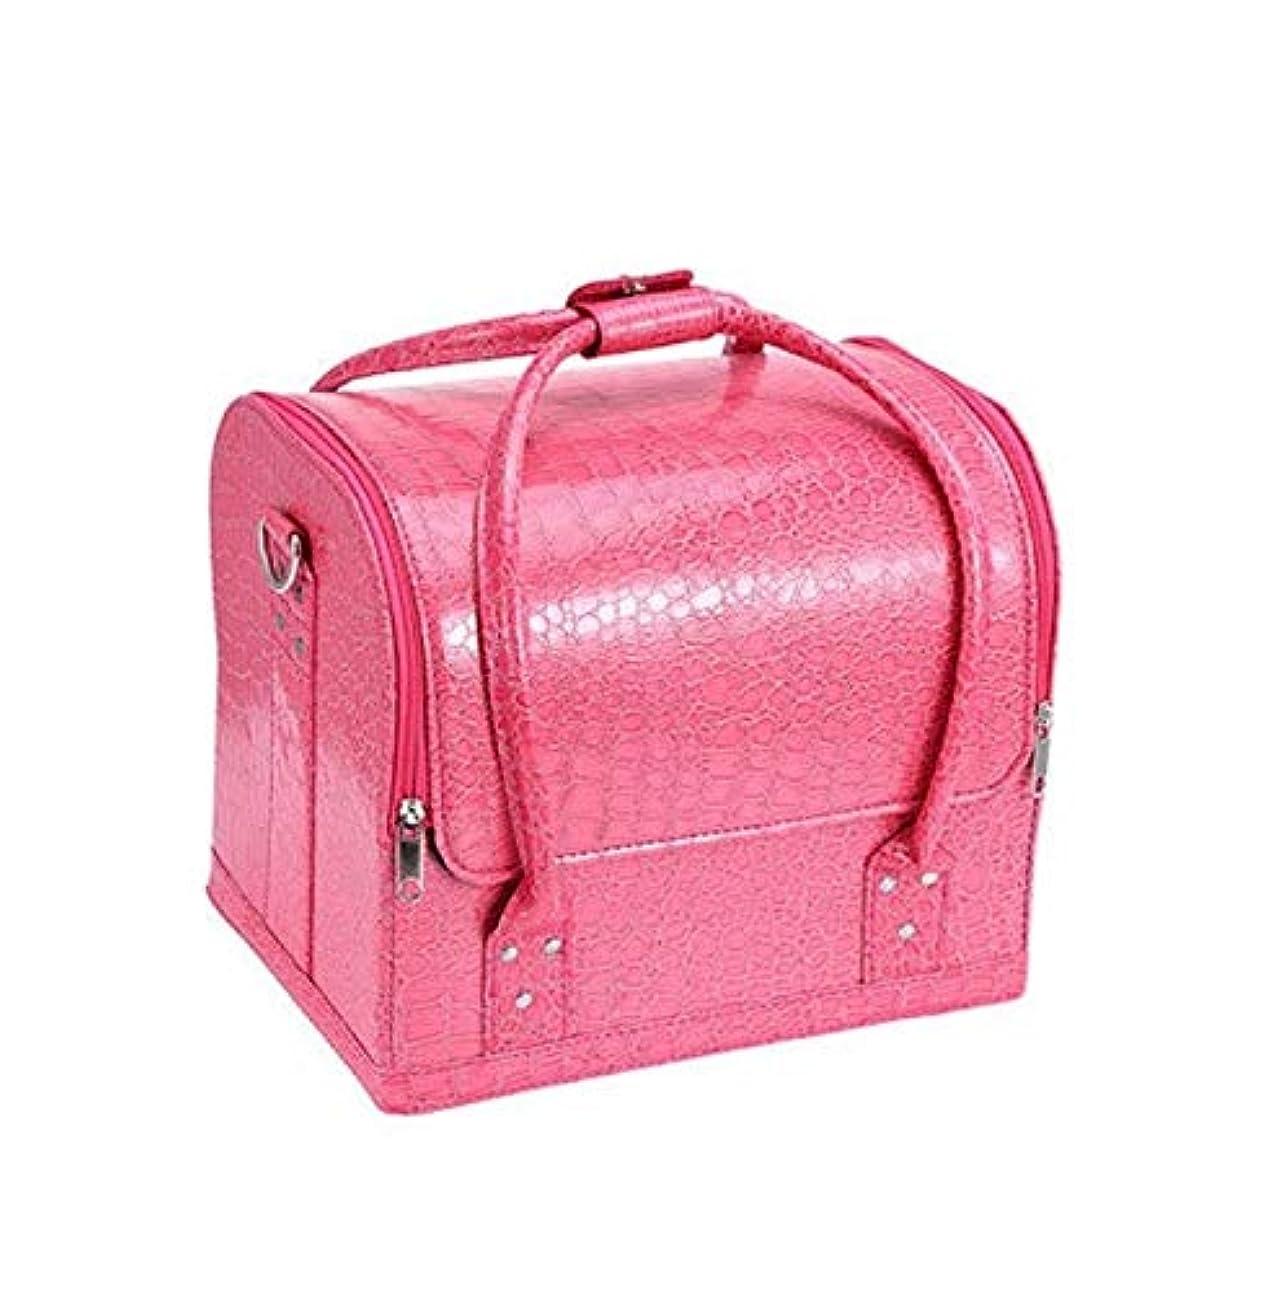 共和党追記参照化粧品ケース、ポータブルワニ皮パターン化粧品袋、多層ダブルオープンポータブル化粧品ケース、ポータブル旅行多機能化粧品ケース、美容ネイルジュエリー収納ボックス (Color : ピンク)